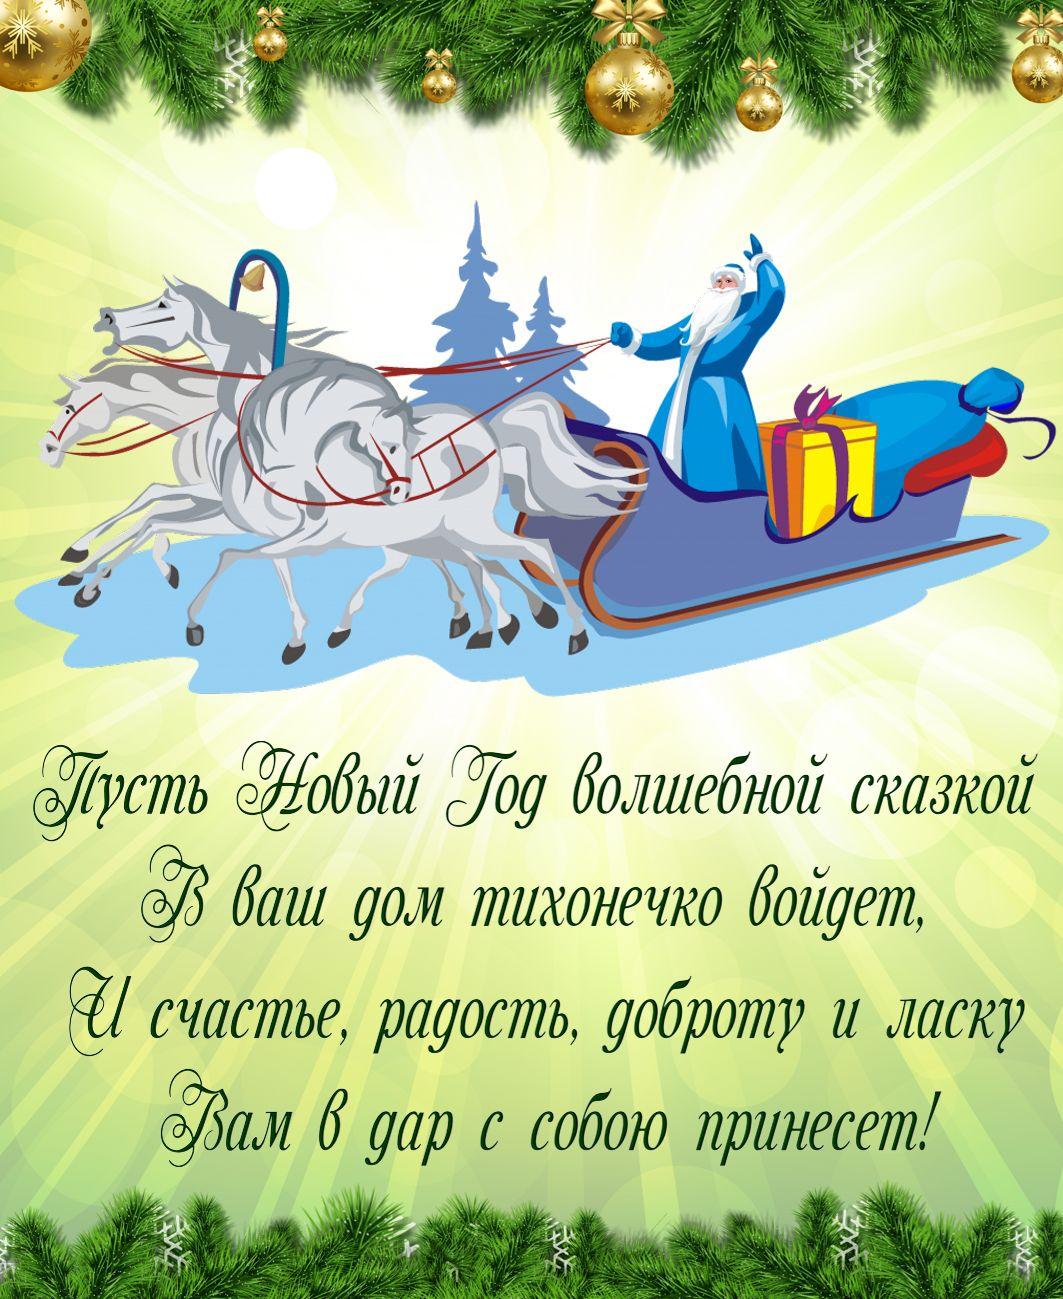 Новогодняя открытка - Дед Мороз едет с подарками